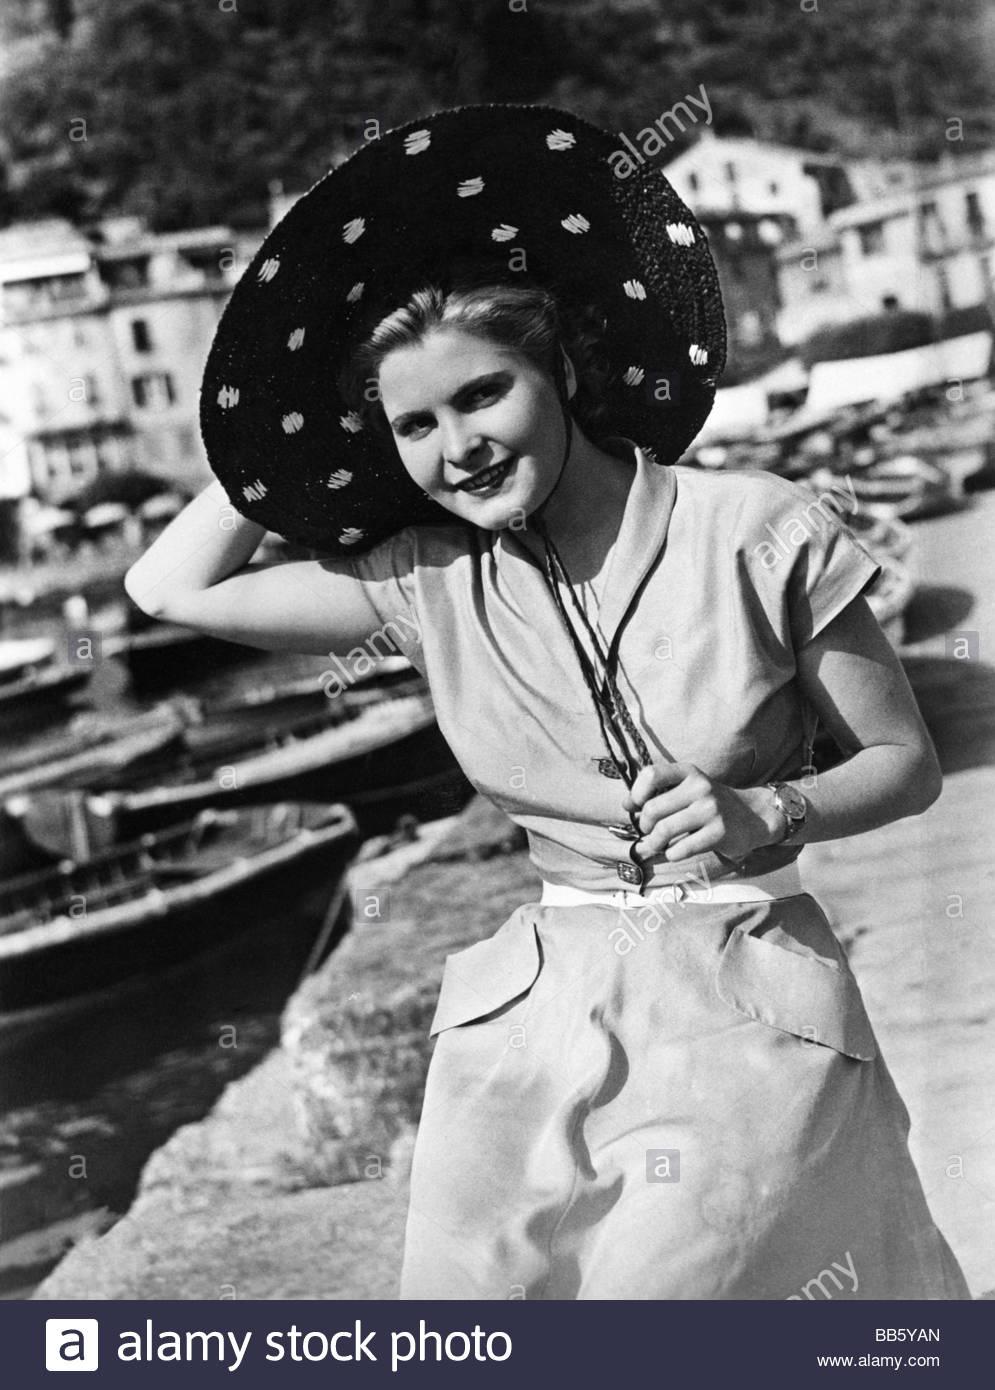 Almassy, Susanna von, 15.6.1916 - 16.2.2009, Austrian actress,